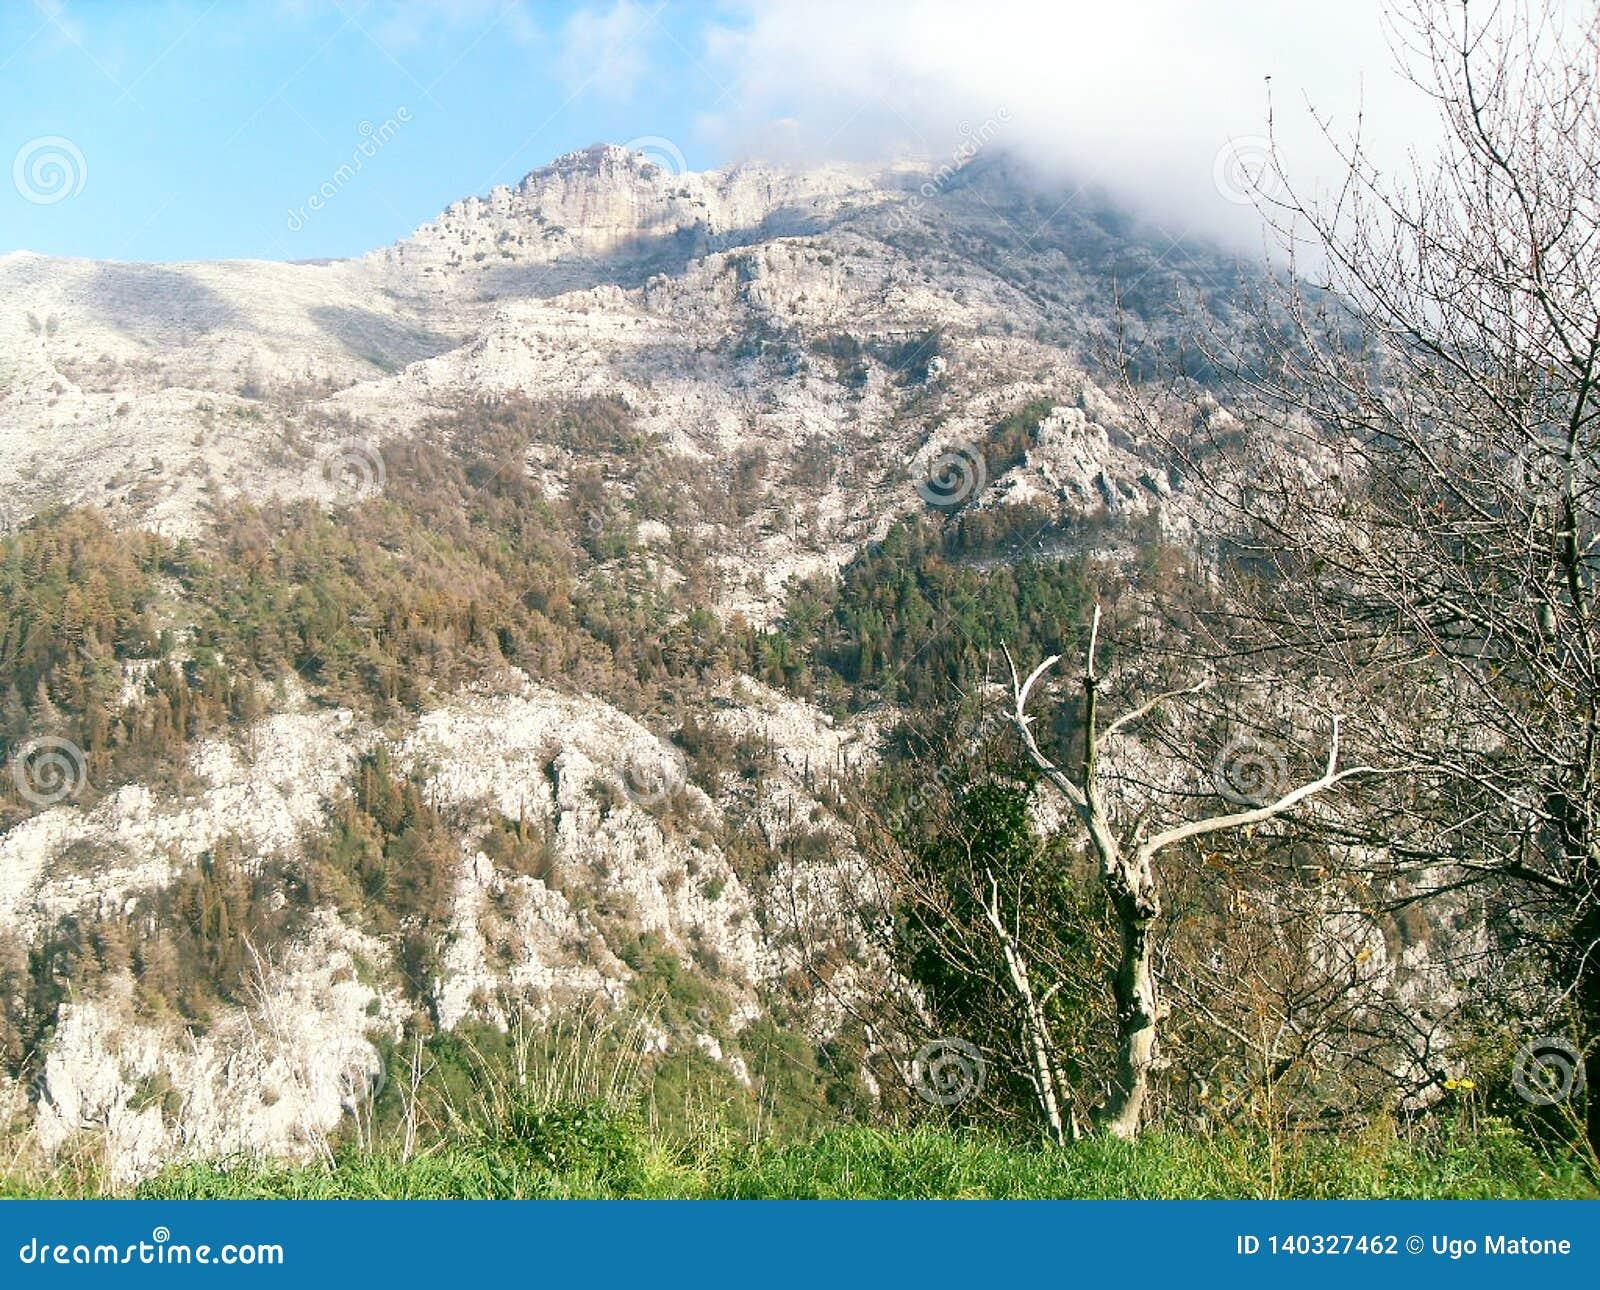 Weg und Ansicht des Bergs Faito in Italien